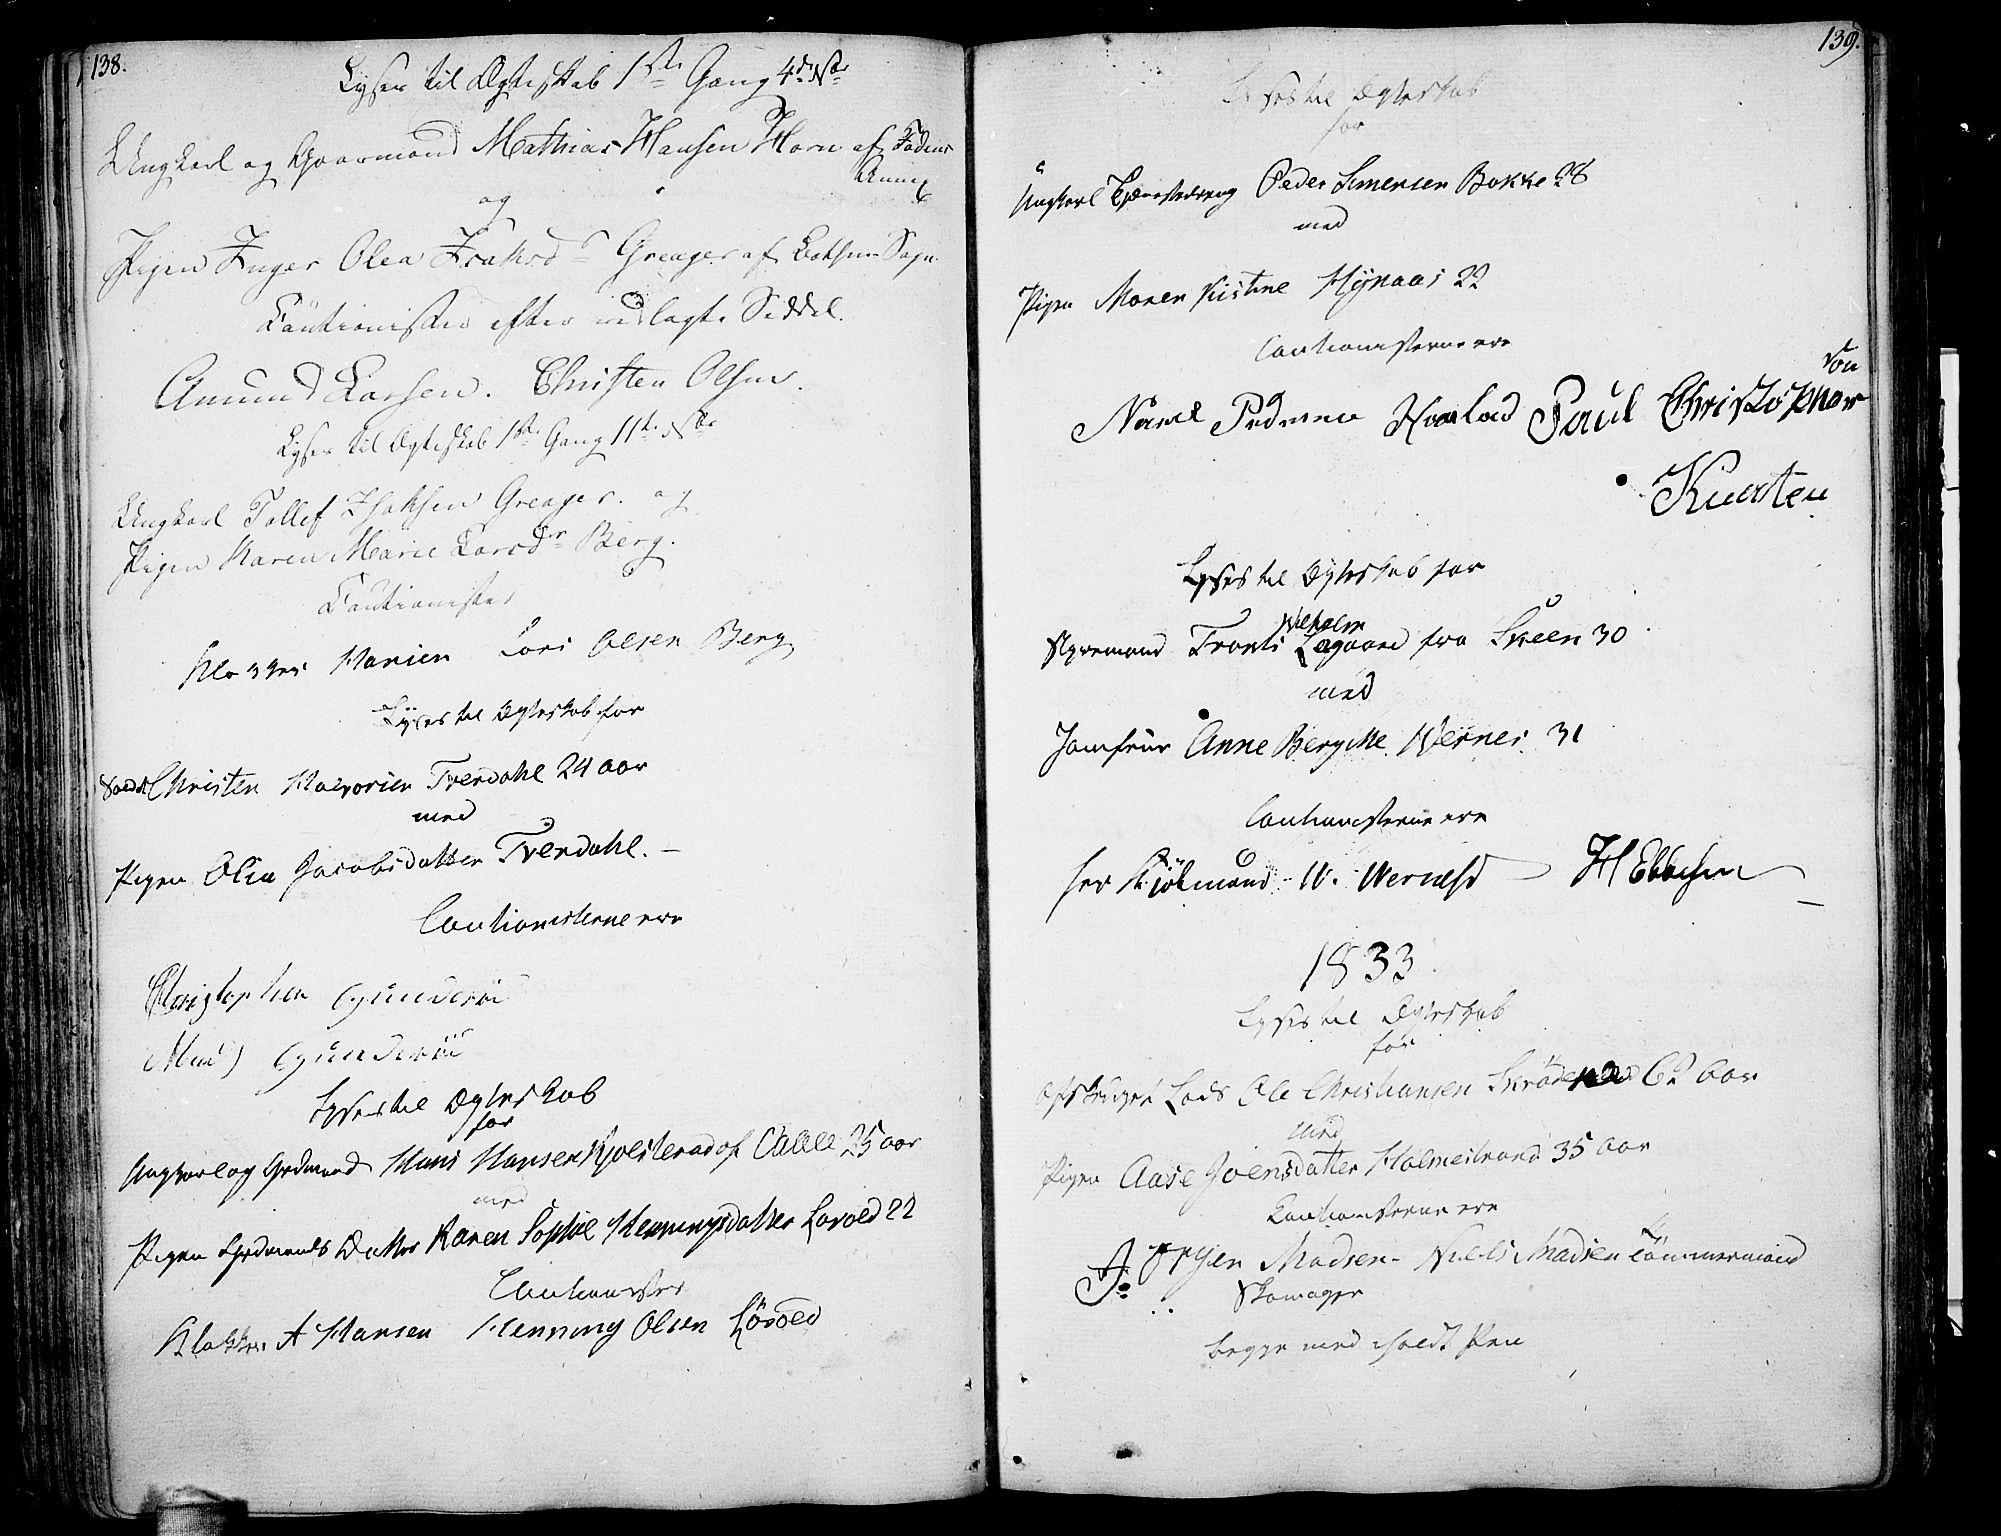 SAKO, Botne kirkebøker, F/Fa/L0003: Ministerialbok nr. I 3 /1, 1792-1844, s. 138-139